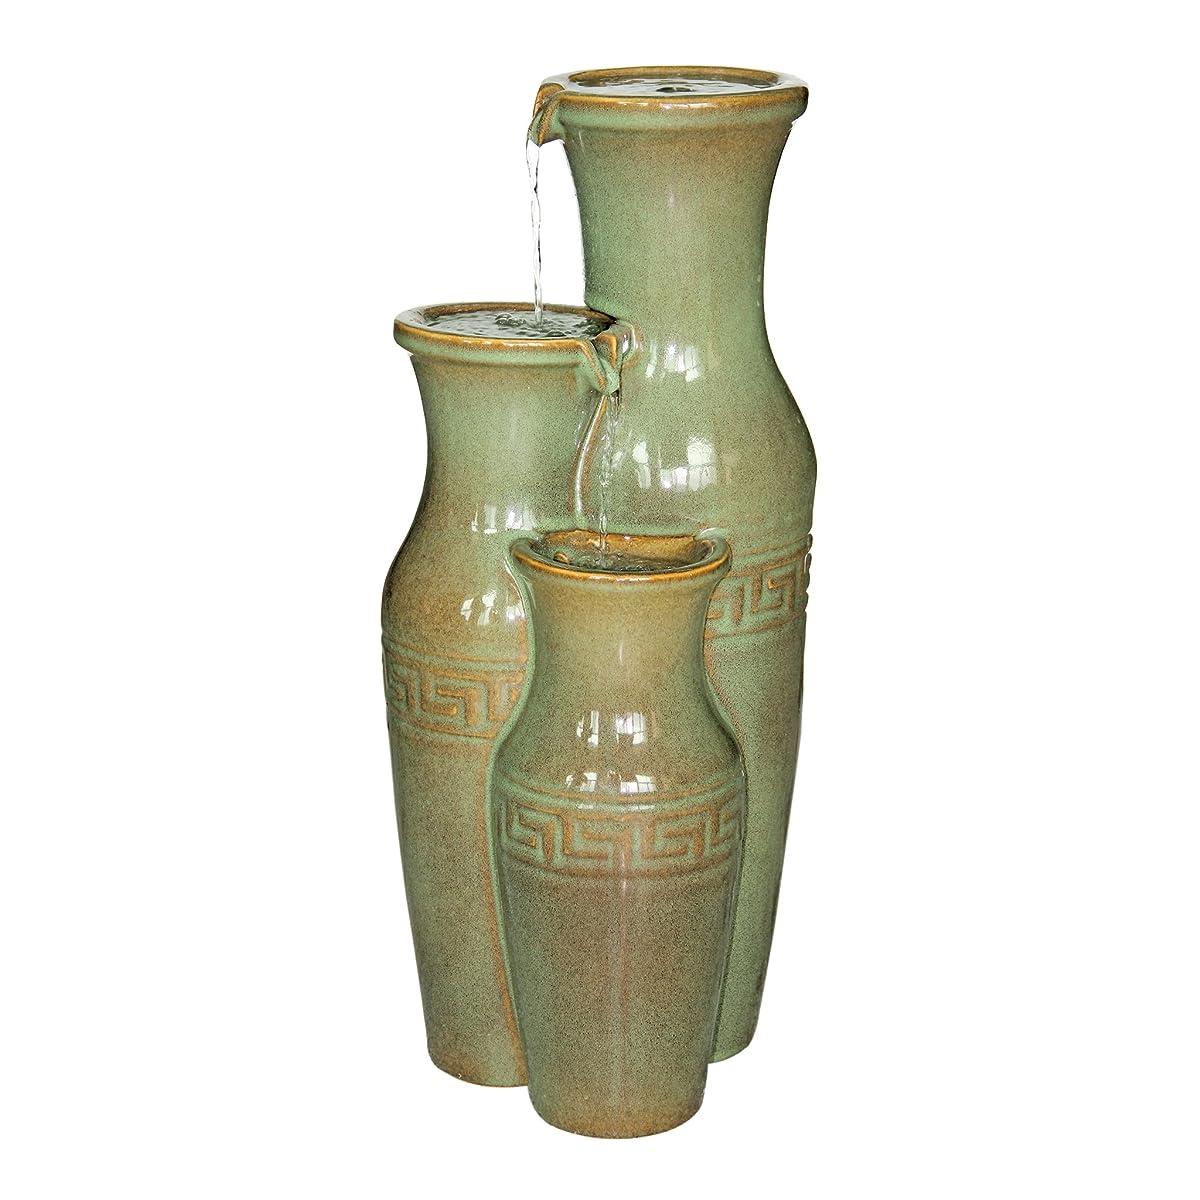 Water Fountain - Ceramic Grecian Water Jugs Garden Decor Fountain - Outdoor Water Feature